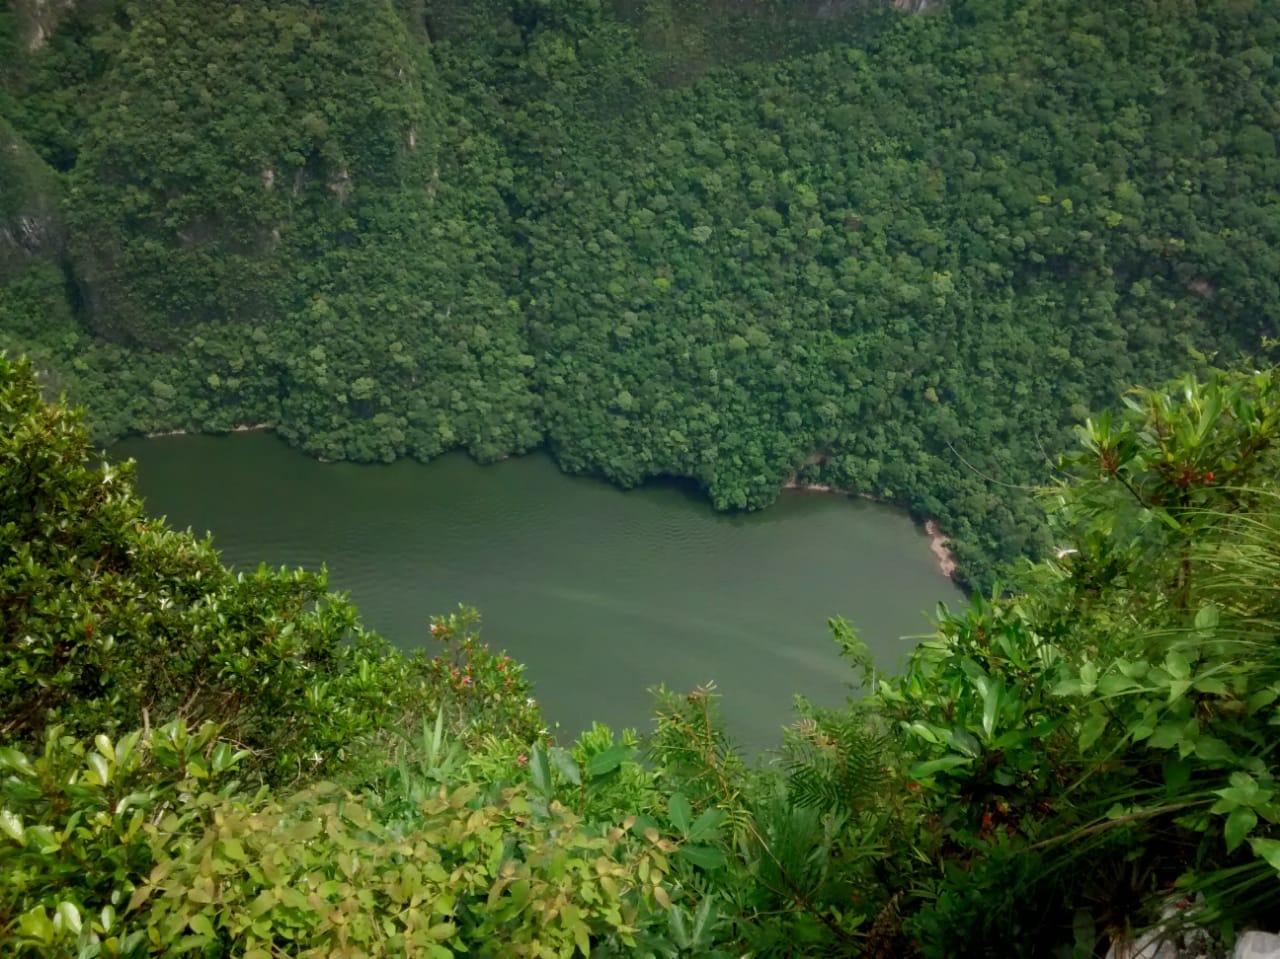 Parque Nacional Cañón del Sumidero, Chiapas, México